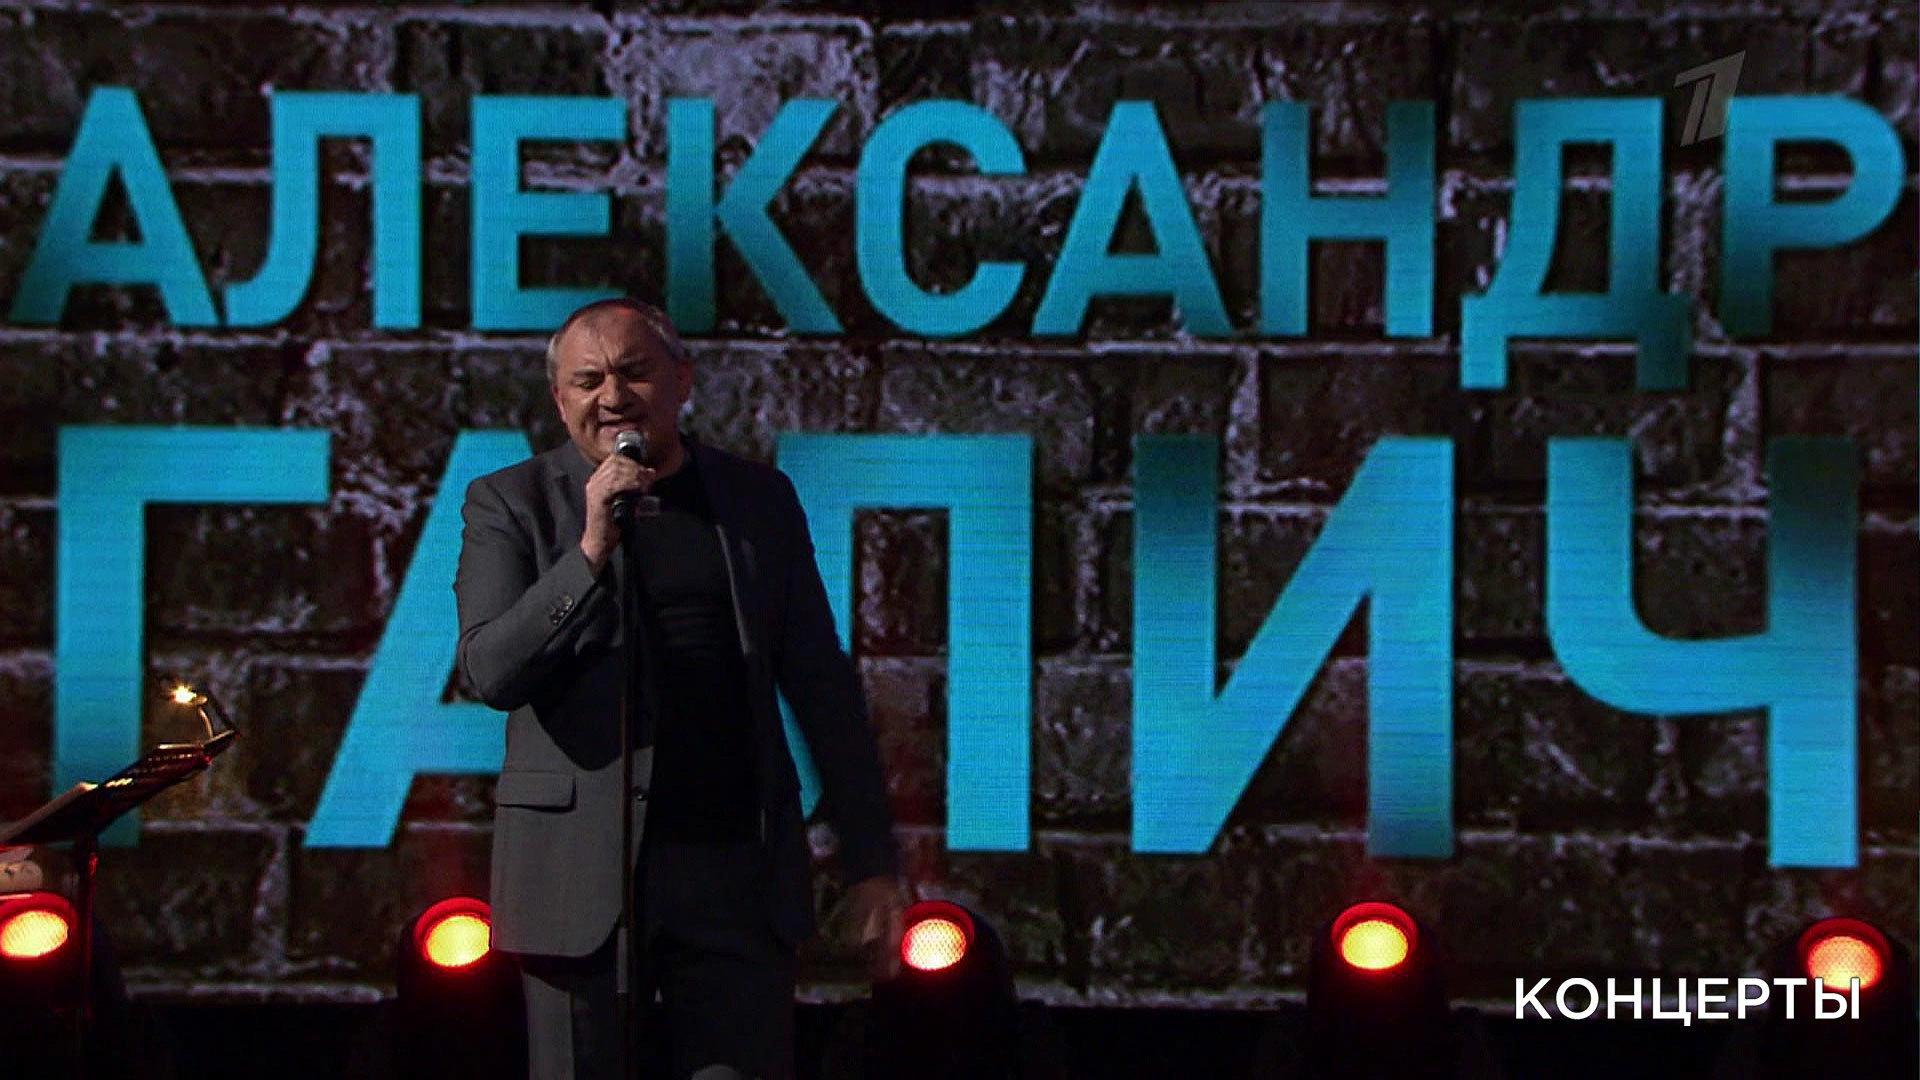 Кодню рождения Александра Галича. «Когда явернусь...»